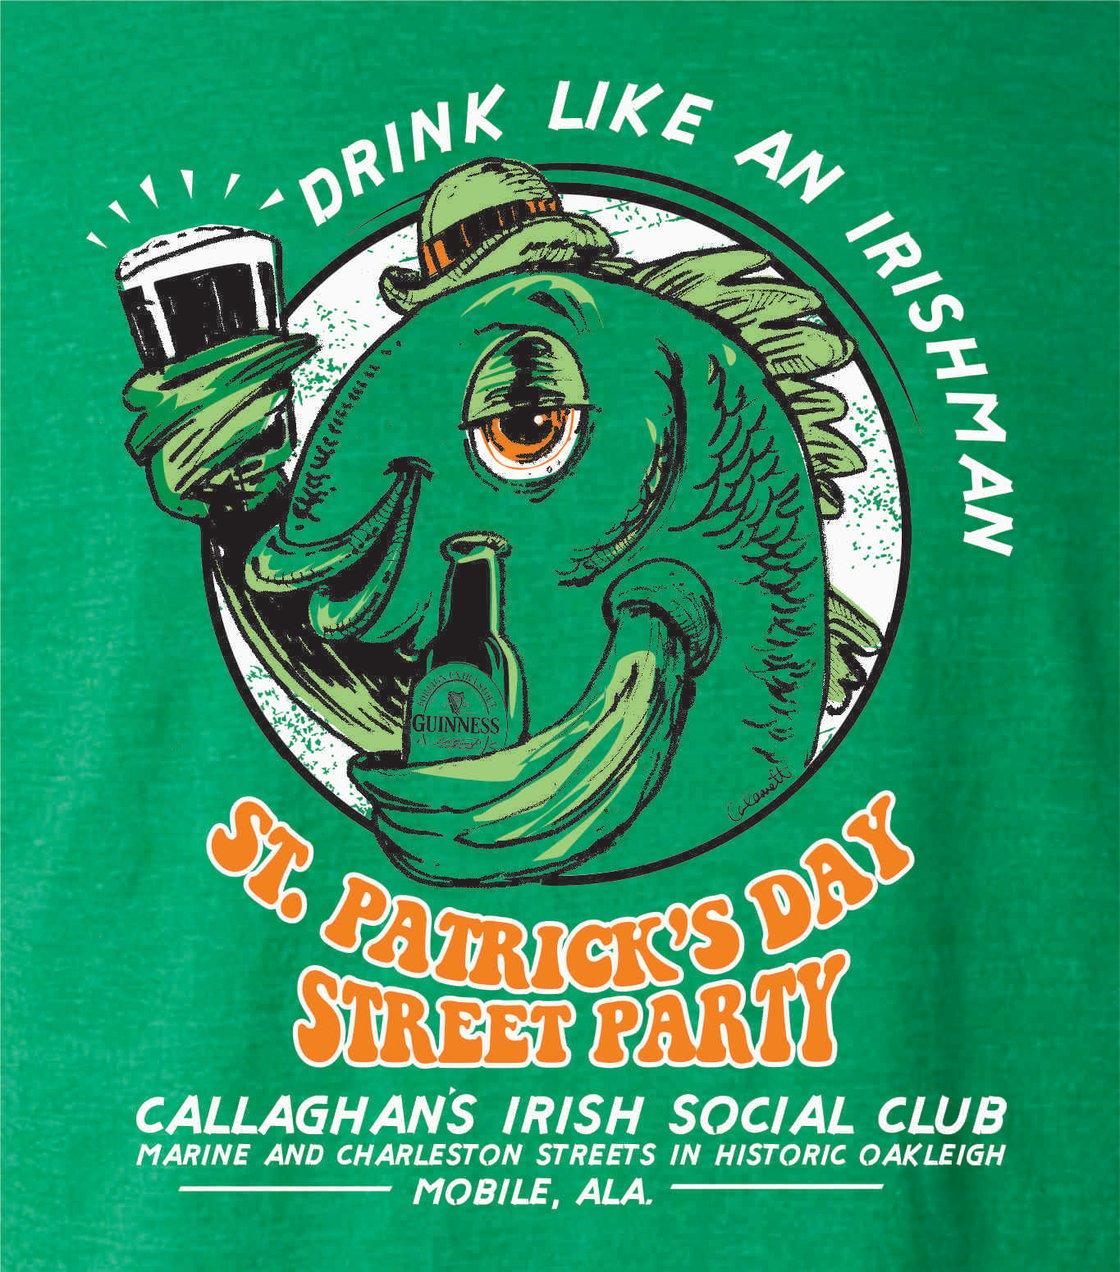 Image of DRINK LIKE AN IRISHMAN!